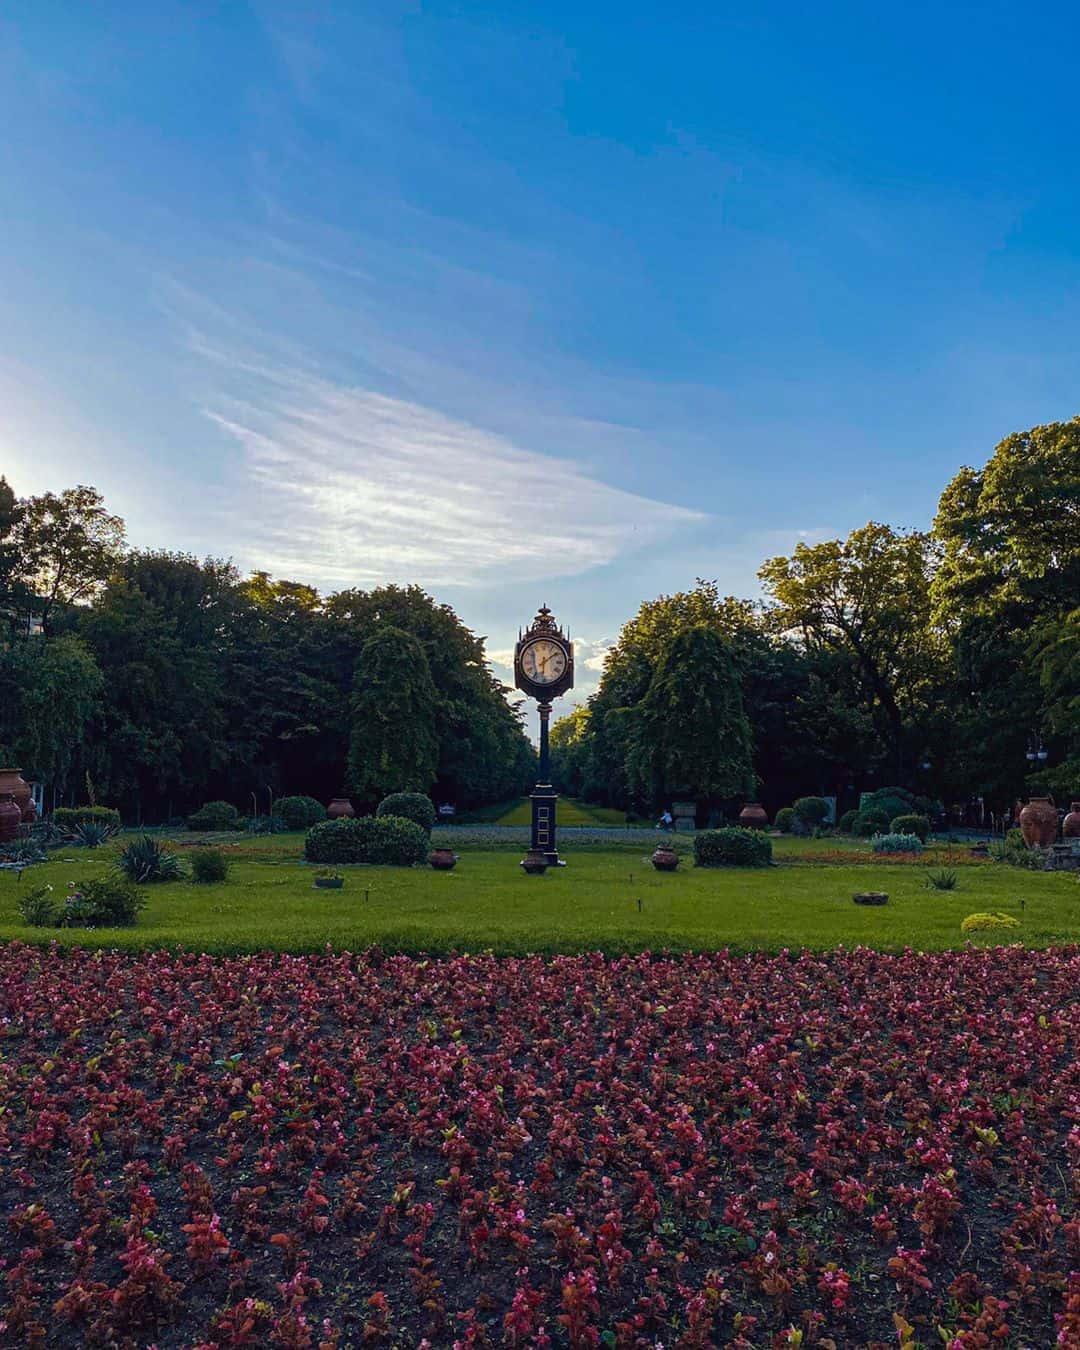 Things to do in Bucharest: Visit Cismigiu Gardens